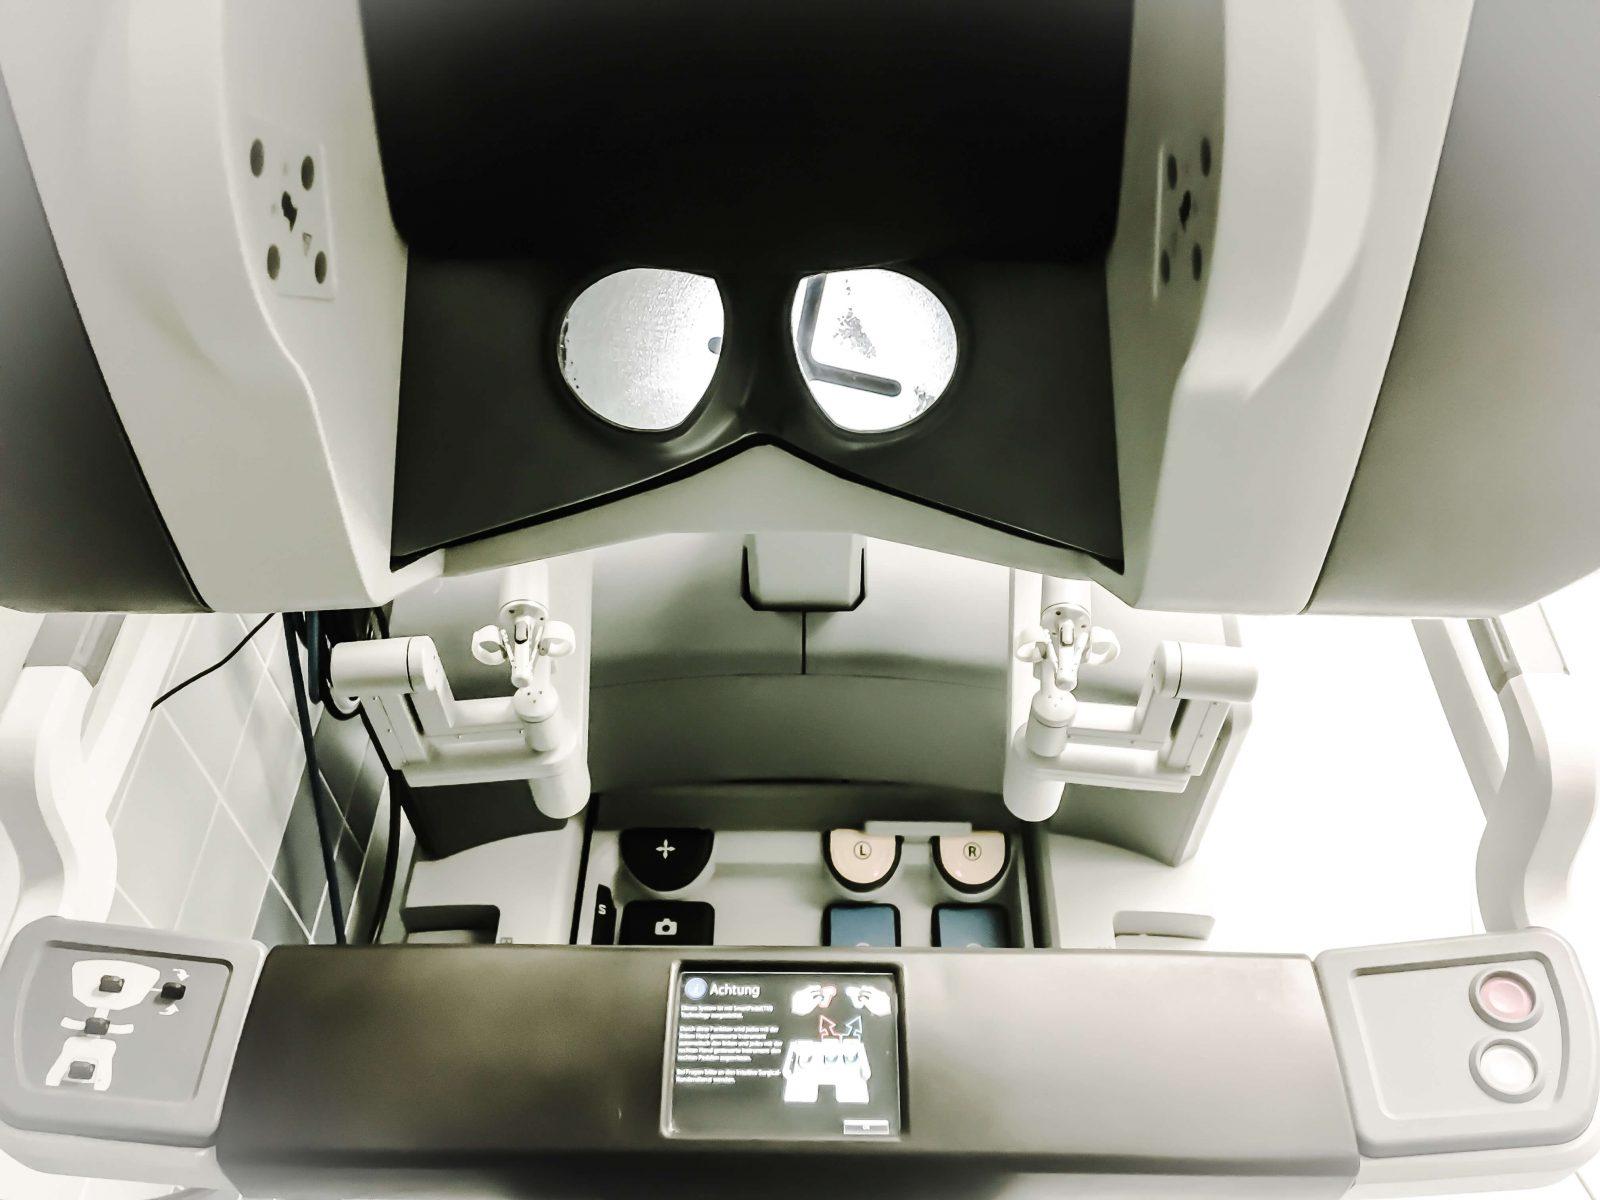 Da Vinci Nephroureterektomie/ Niere und Harnleiterentfernung